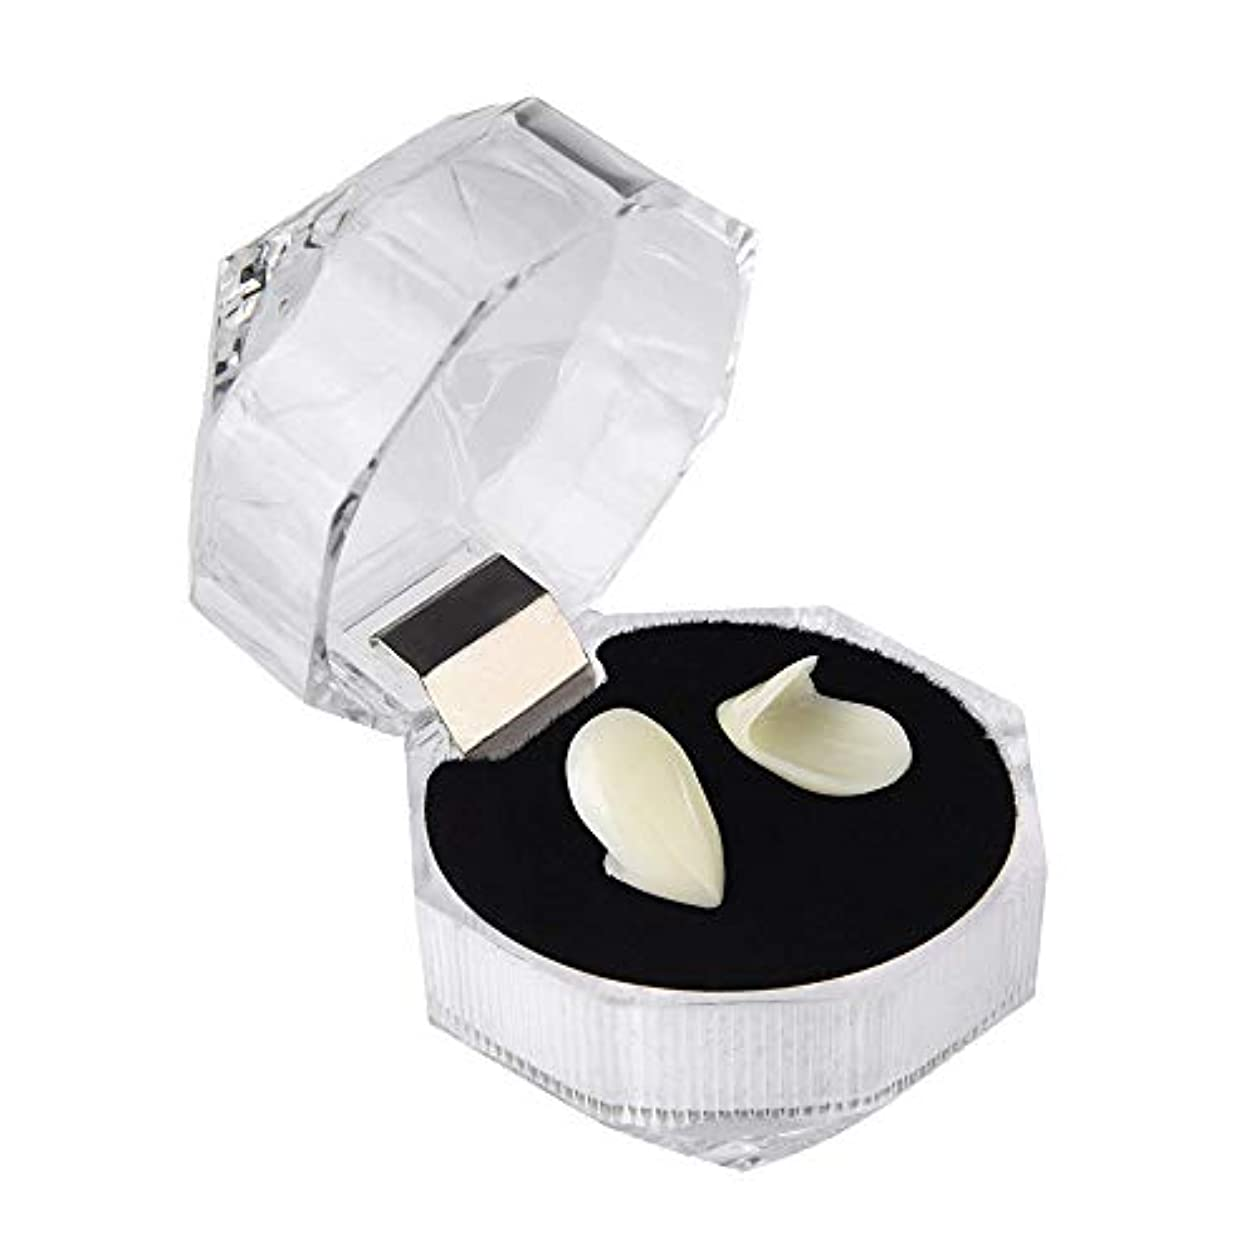 与える密動物園ユニセックスハロウィンロールプレイングゾンビ義歯、樹脂にやさしい食品グレード義歯(歯のジェル付き),13mm